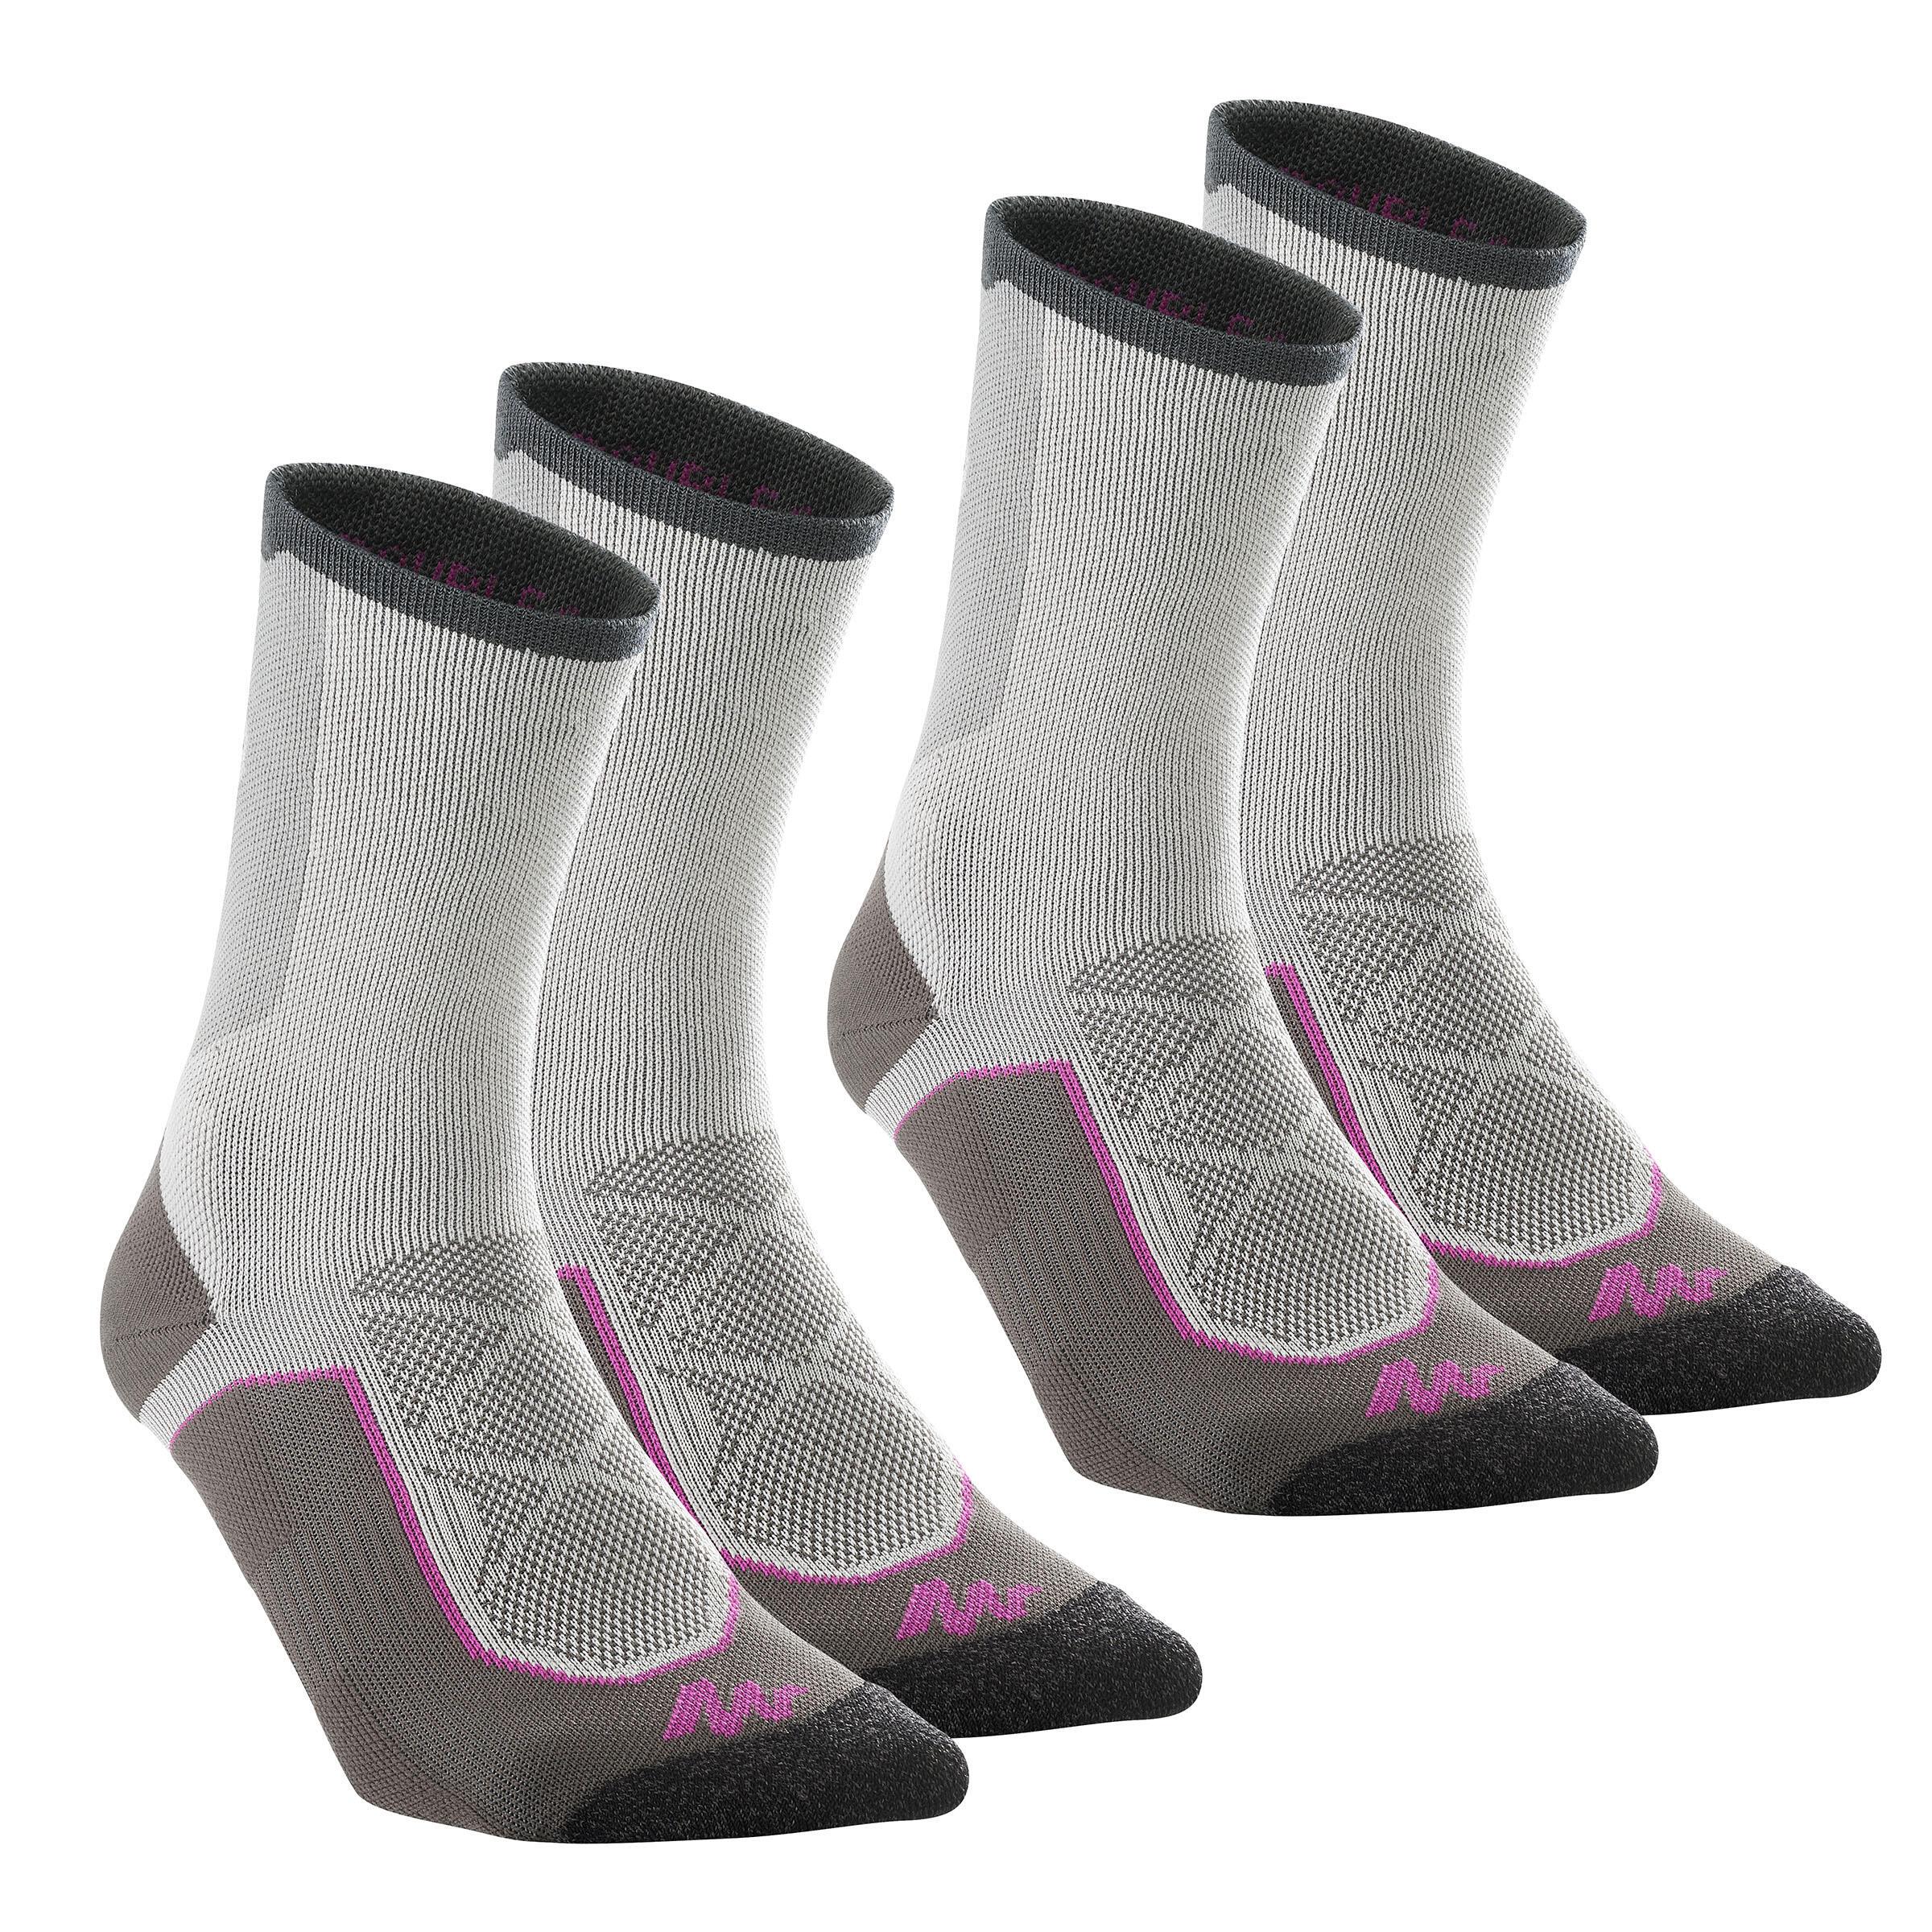 Wandersocken Forclaz 520 D High hoch 2 Paar grau/violett | Sportbekleidung > Funktionswäsche > Wandersocken | Violett - Grau | Ab | Quechua